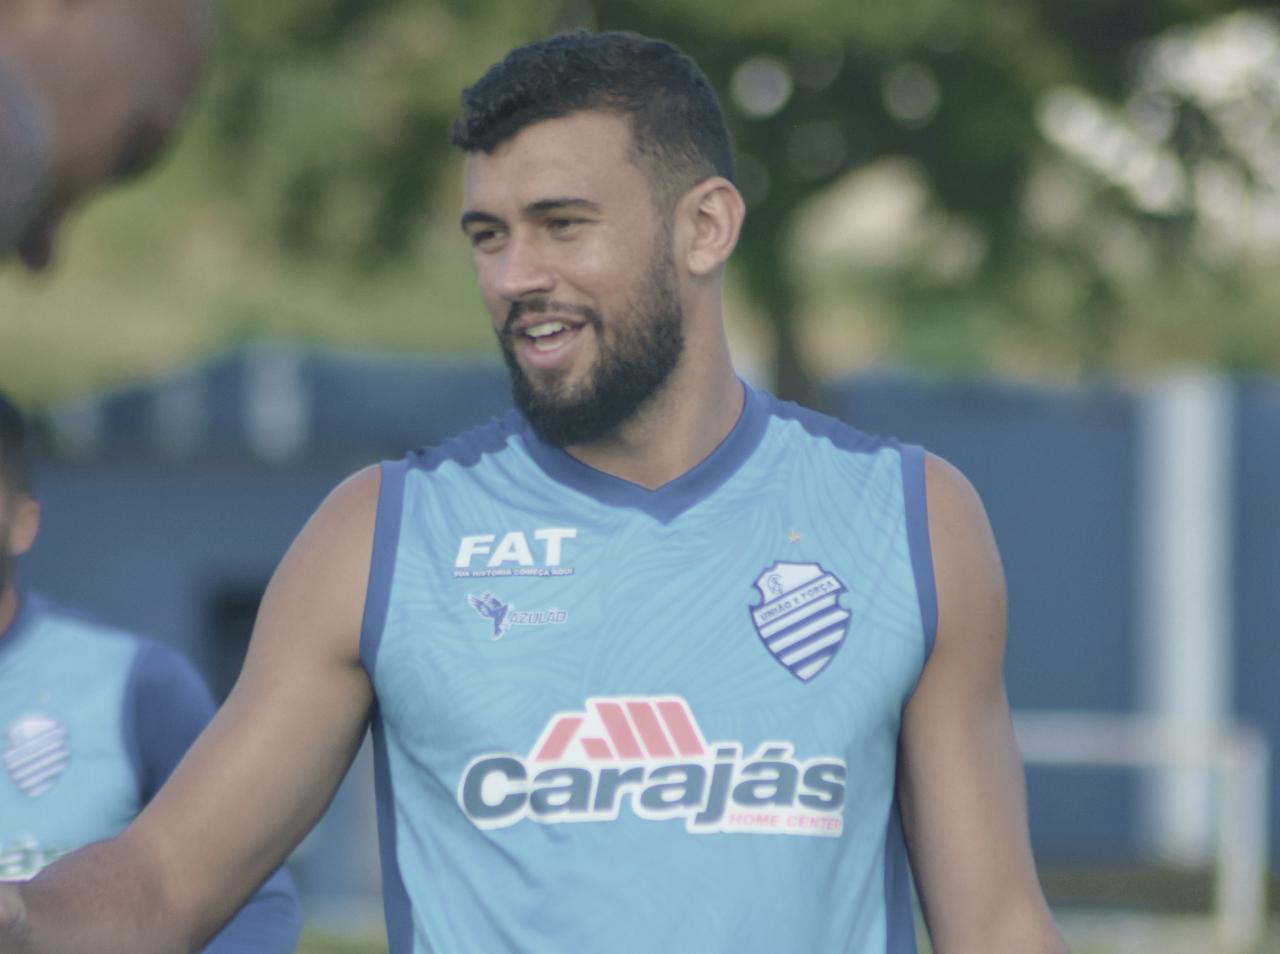 Suspensões e desgaste físico de atletas forçam mudanças no CSA para duelo contra Grêmio